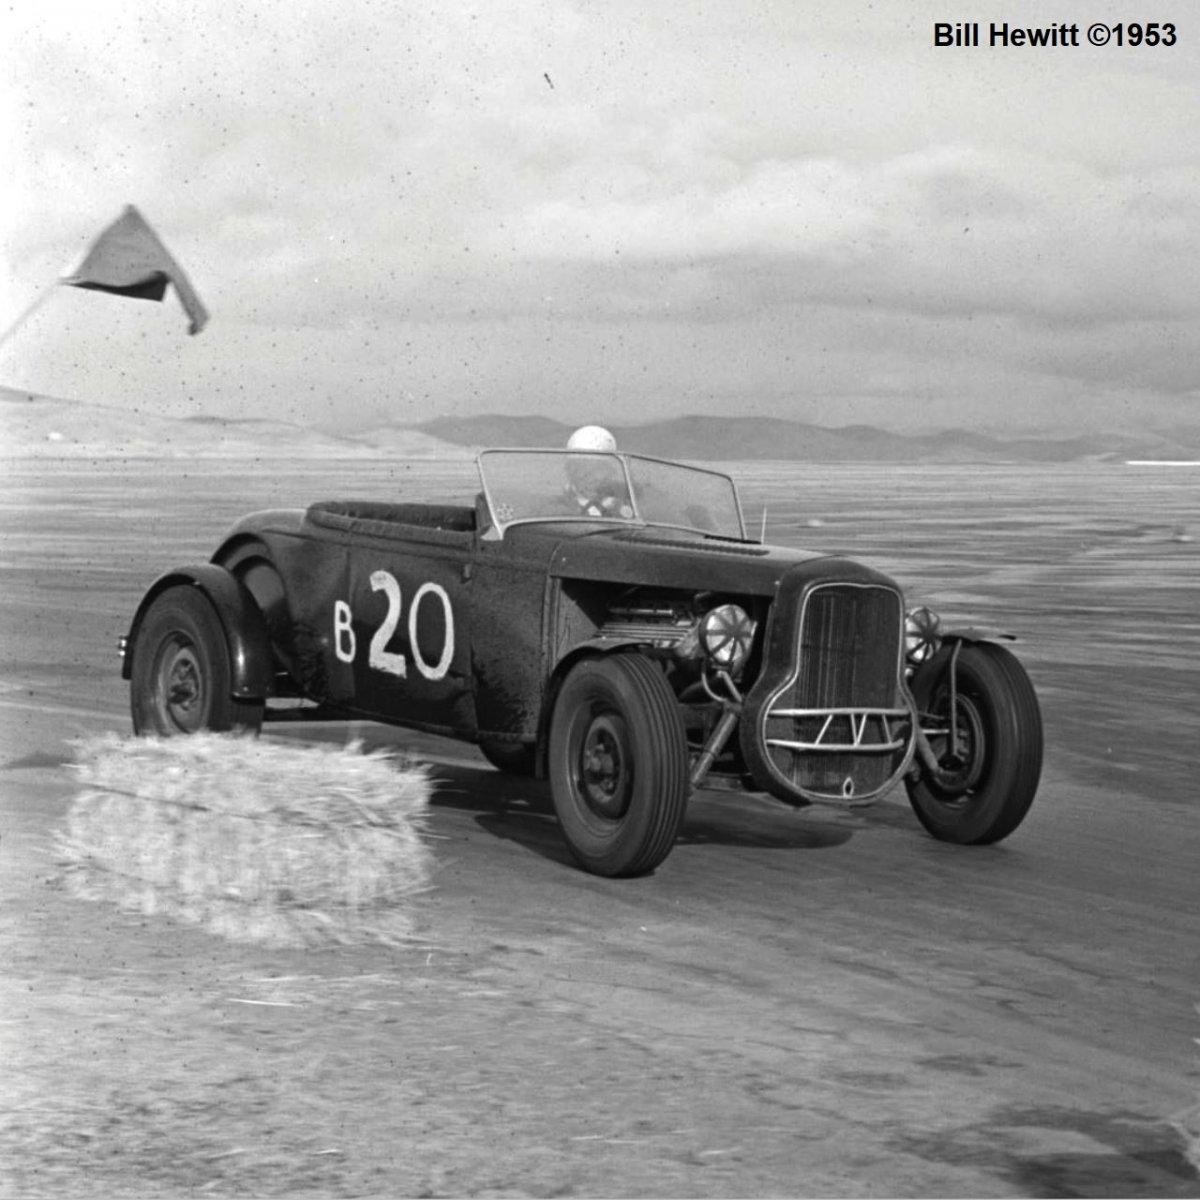 Balchowsky Deuce @ 1953 Reno Road Race (by Bill Hewitt) - 4a.JPG